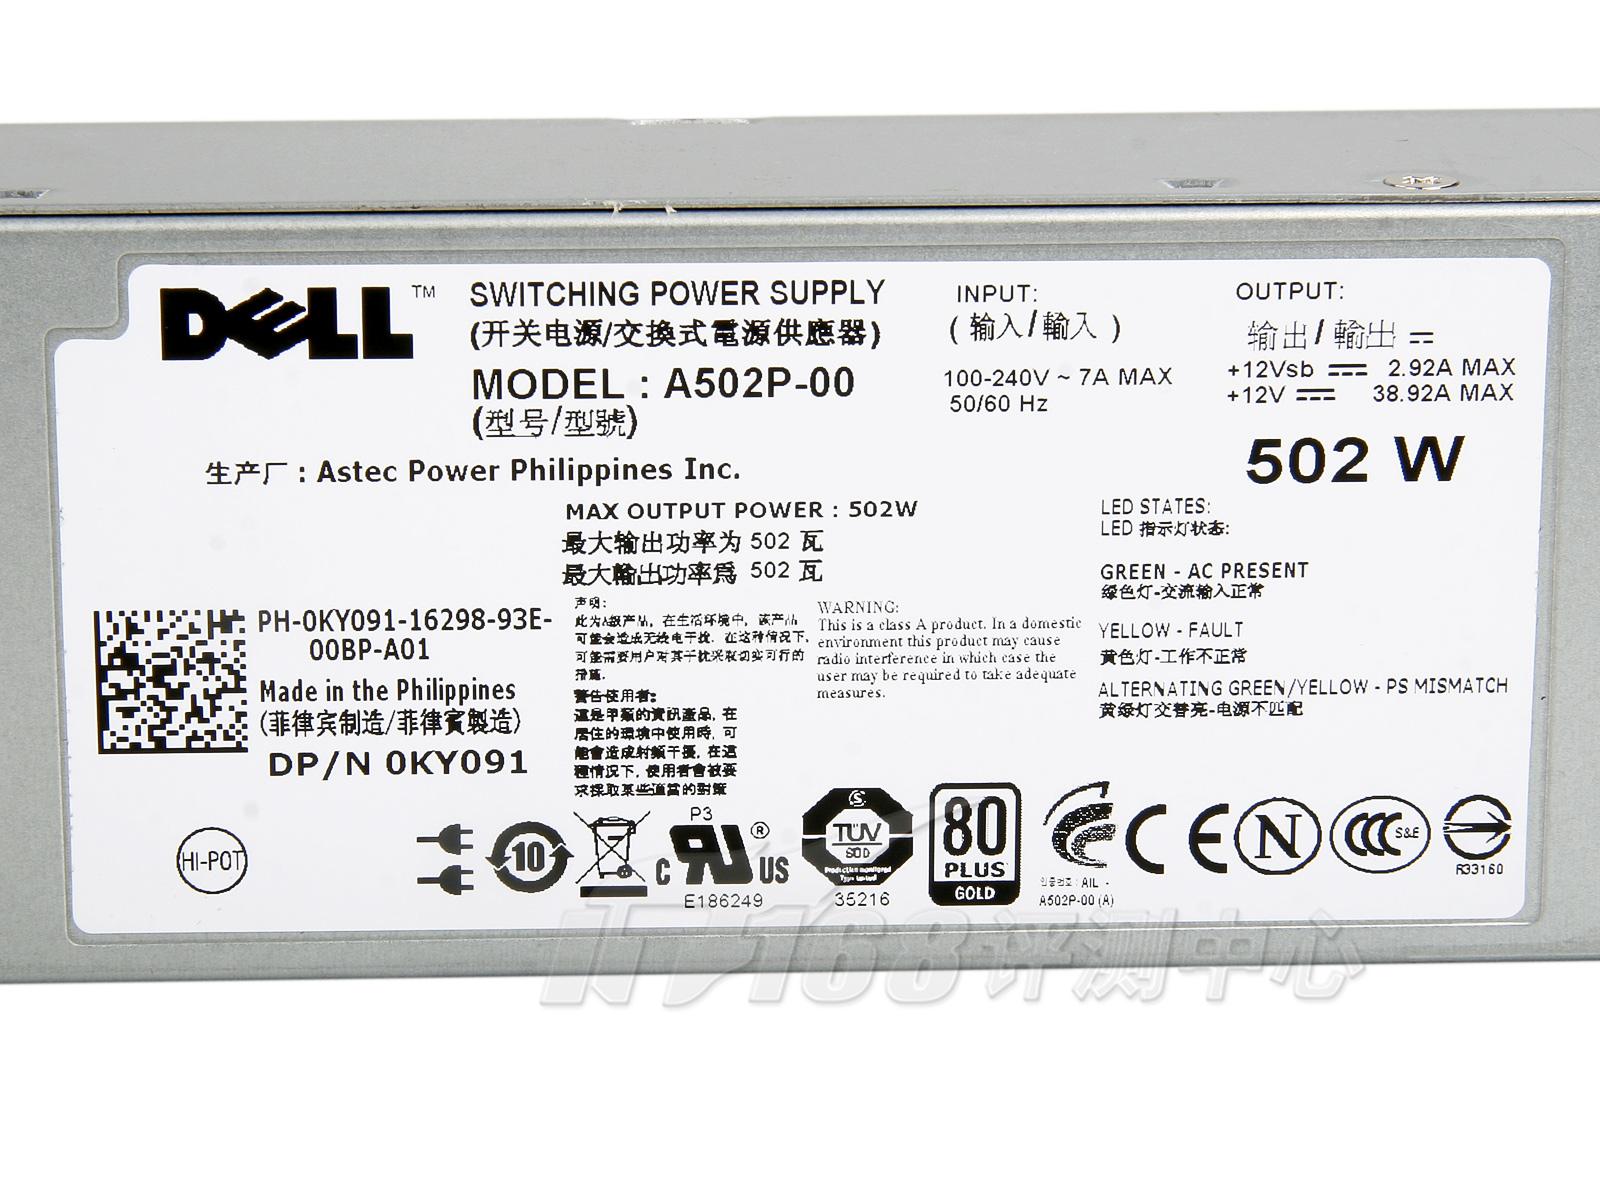 标签底下一连串标志,最重要的是:上面有一个80 Plus Gold标志——80 Plus金牌标志,它代表着电源的转换效率接近了90%;这个电源的功率是502W,DELL还提供了750W的模块,一些低配置的情况下没有必要使用这么高的功率——用户可以根据功耗配置来选择两种电源,这也是一个体贴的设计